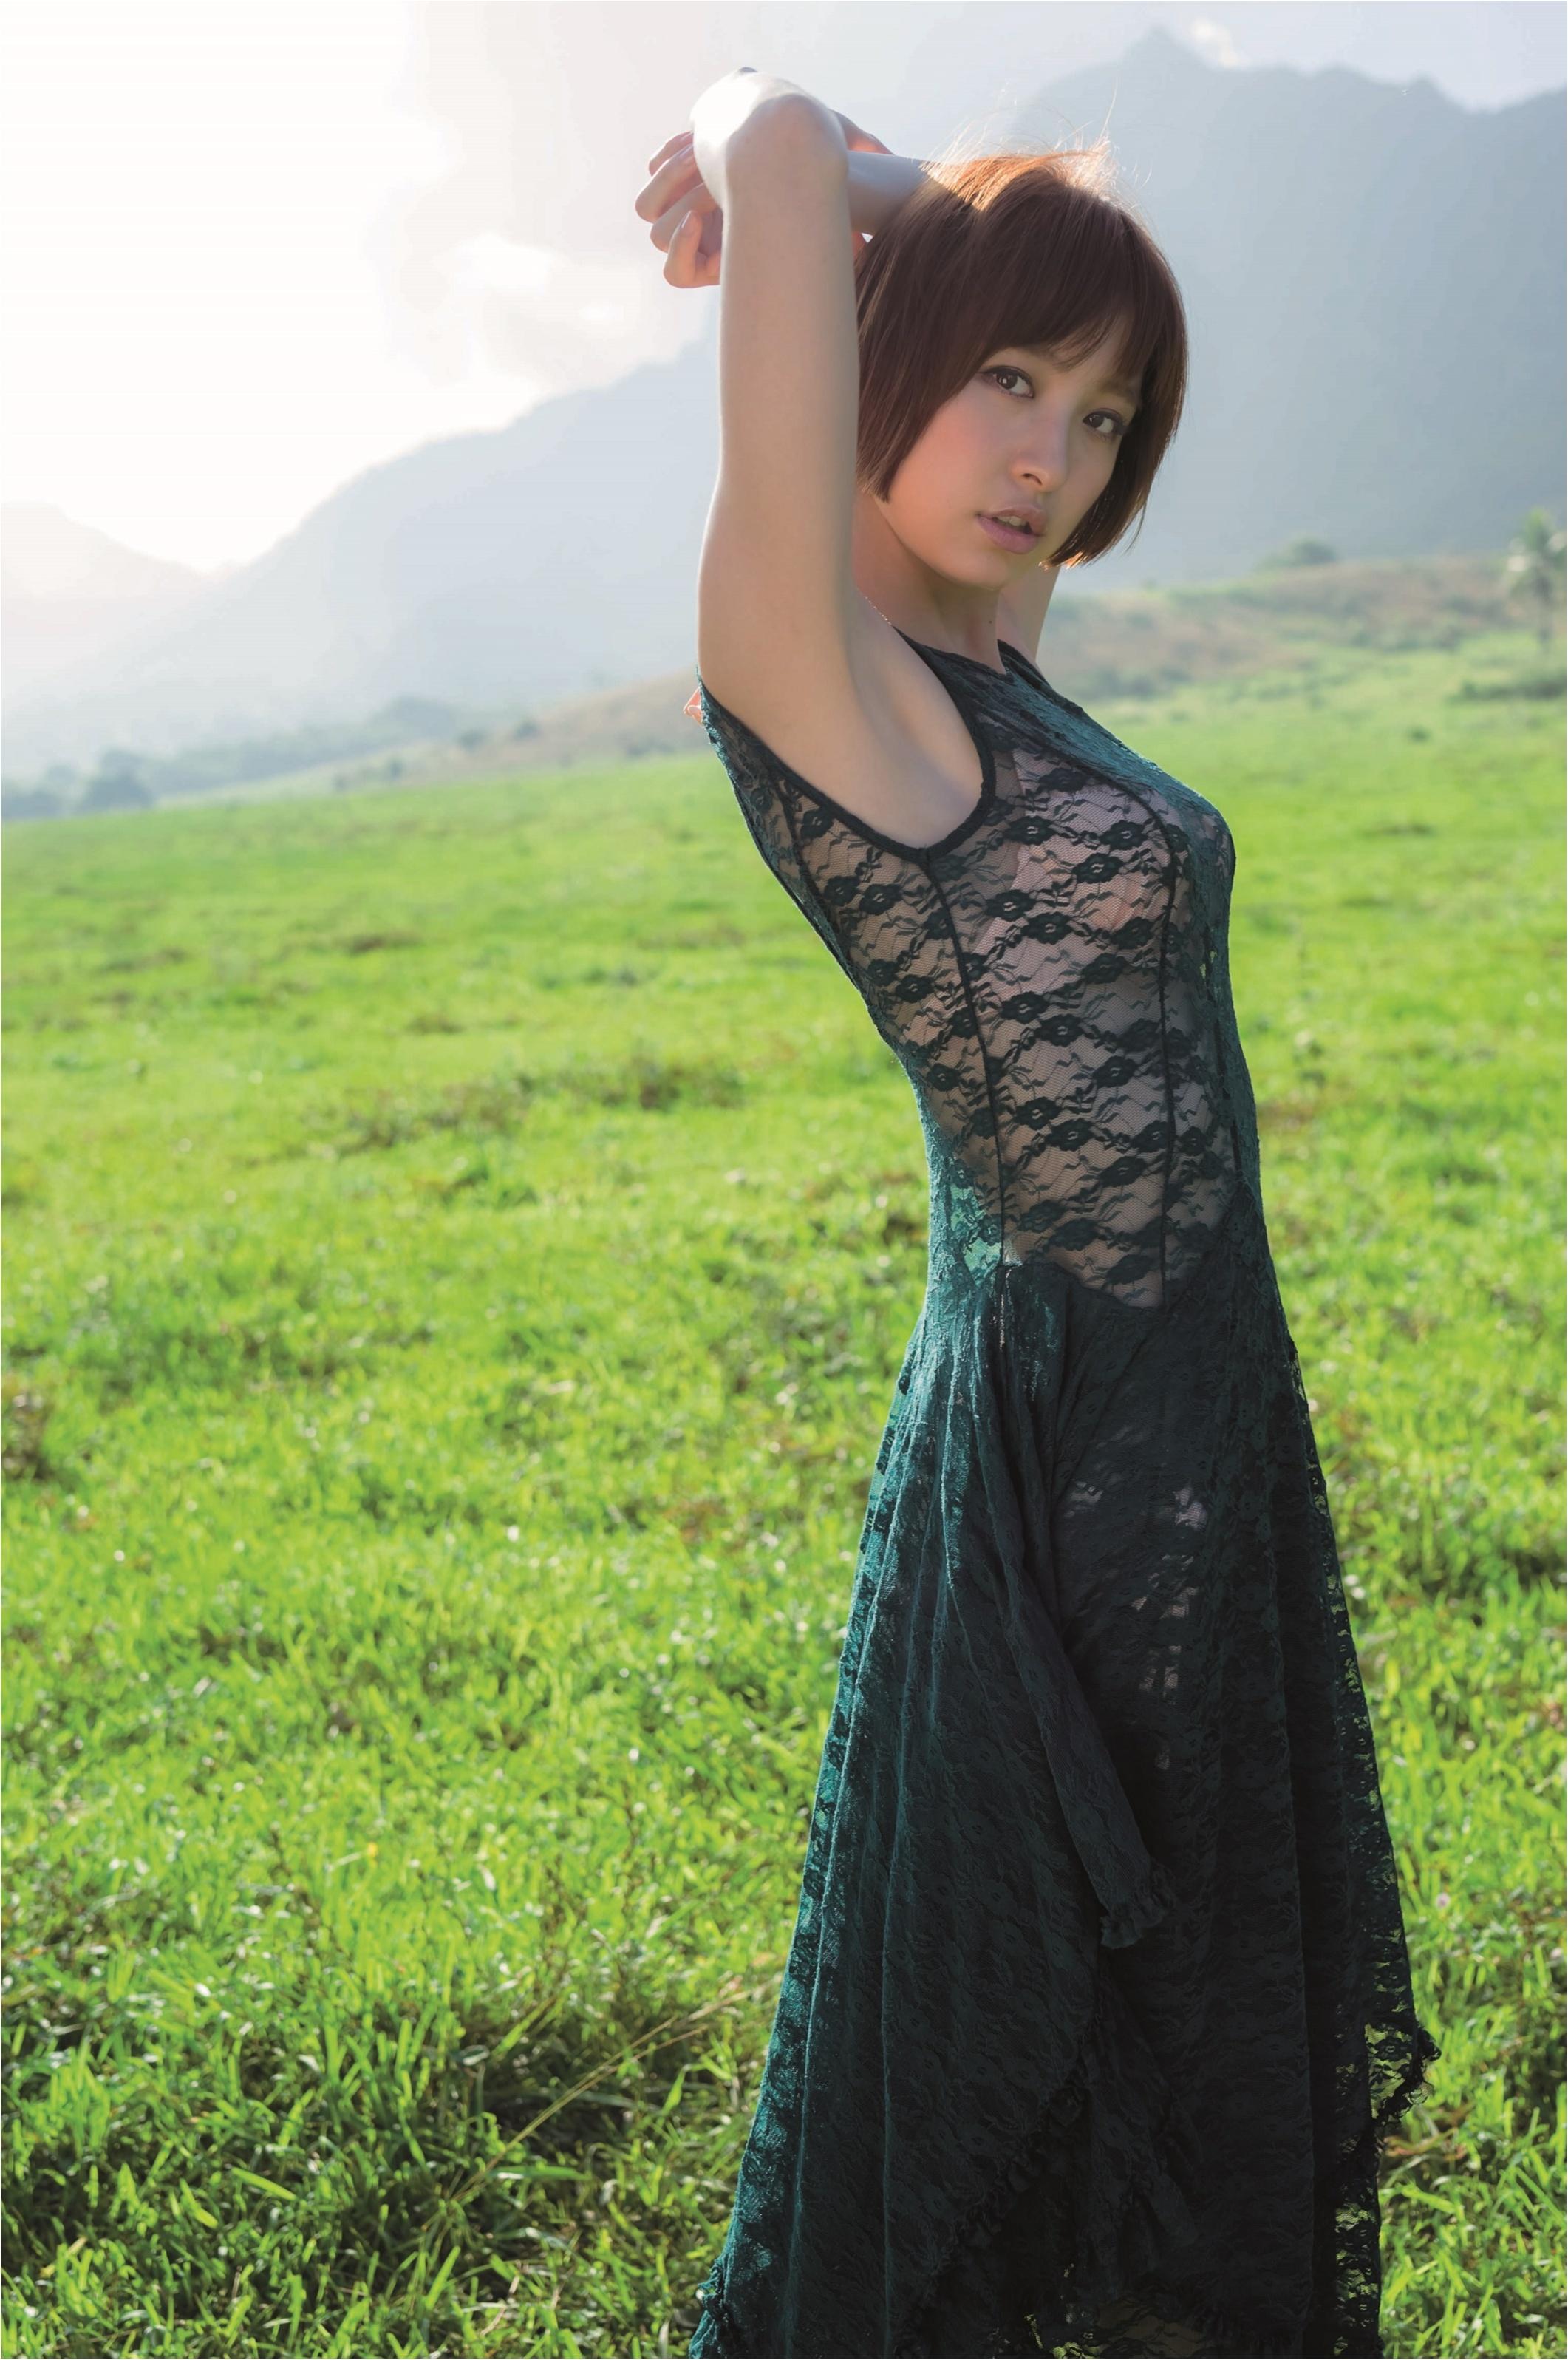 黒服姿の篠田麻里子さん